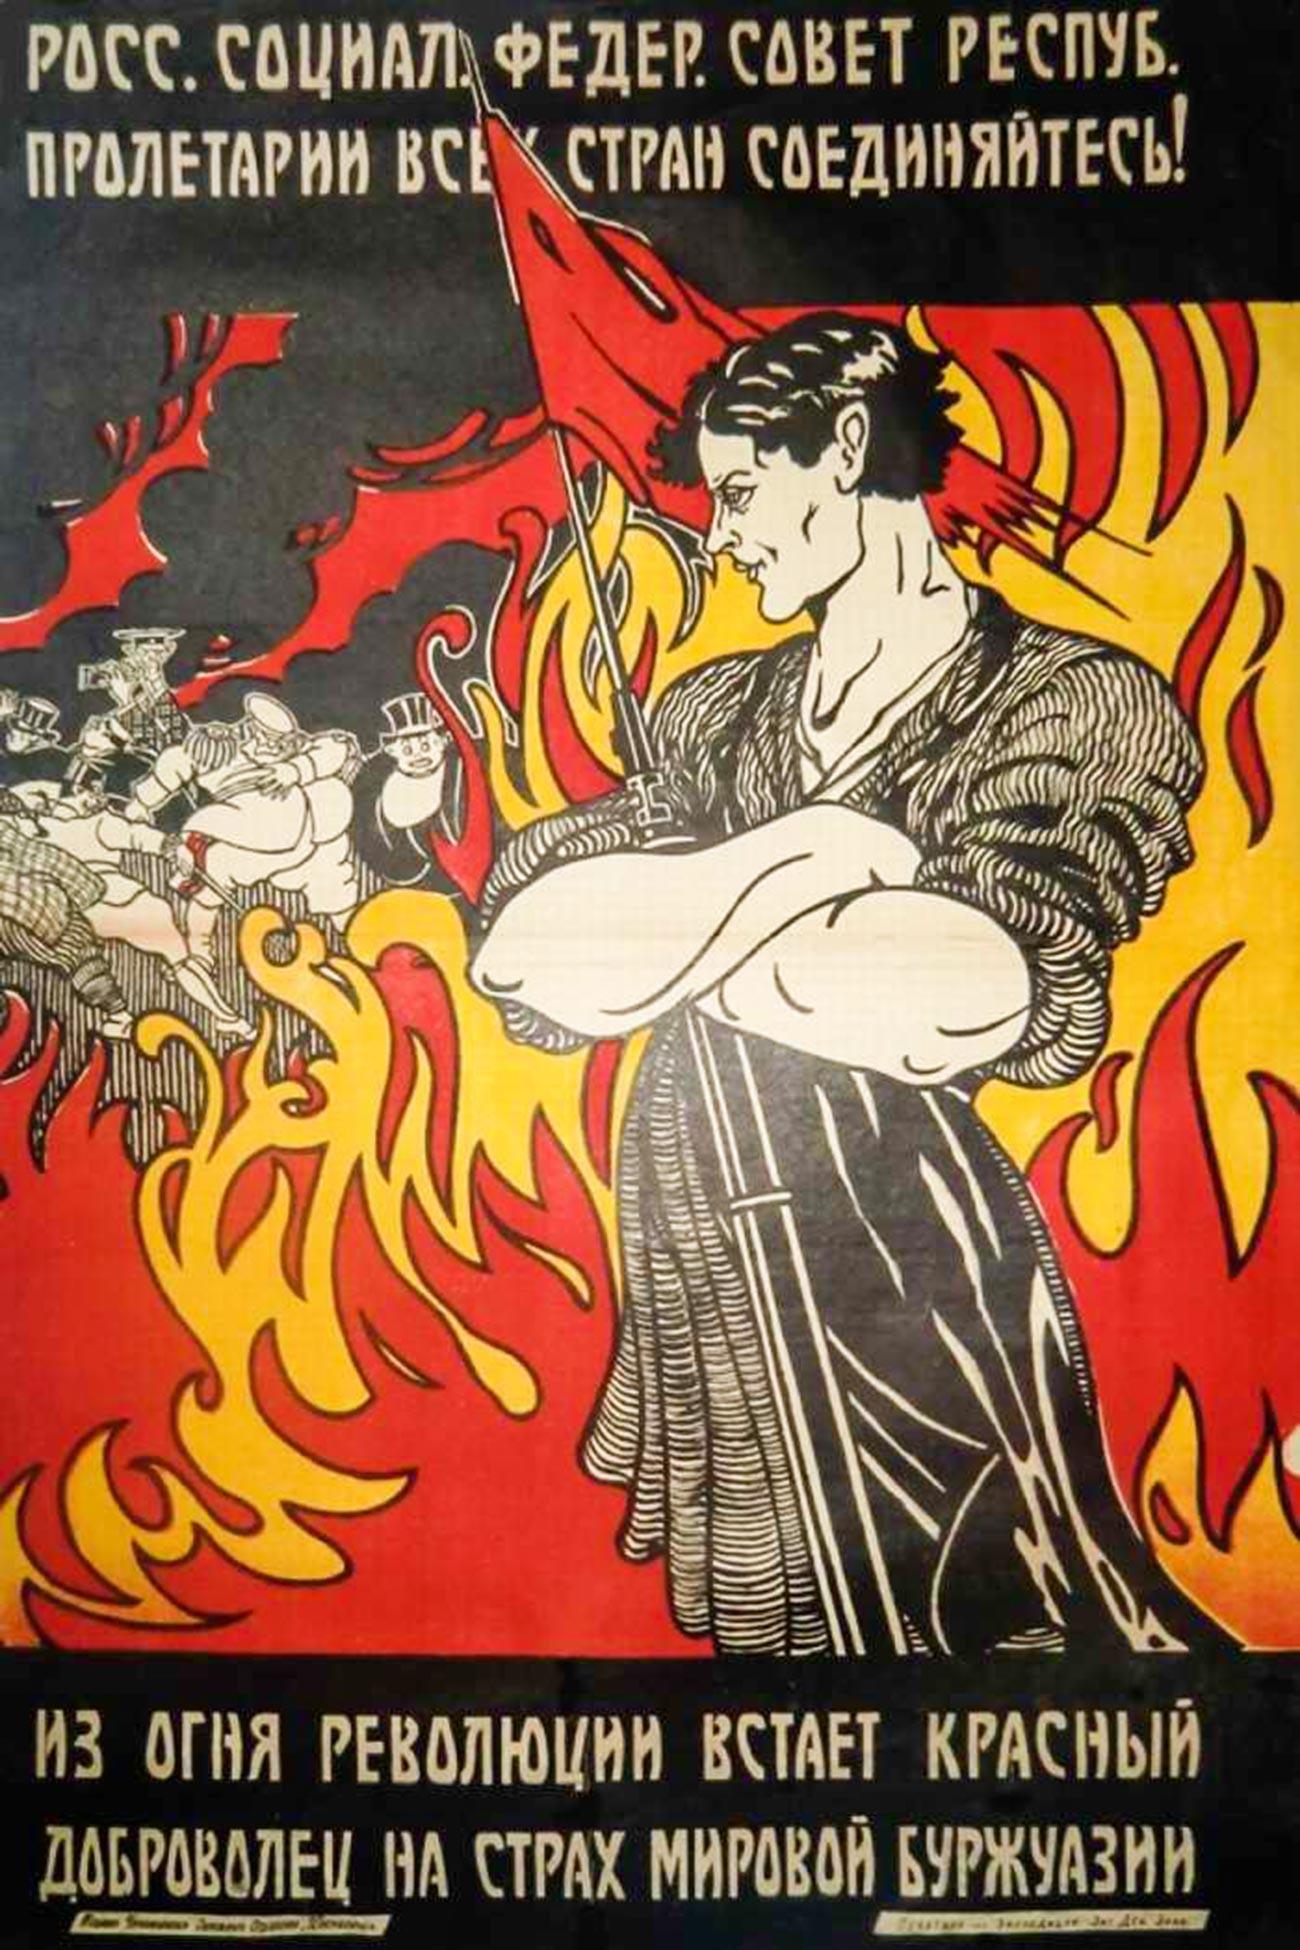 Russische Sozialistische Föderative Sowjetrepublik. Proletarier aller Länder, vereinigt euch! Das Feuer der Revolution wird den Roten Kämpfer hervorbringen - die Angstvorstellung der globalen Bourgeoisie.